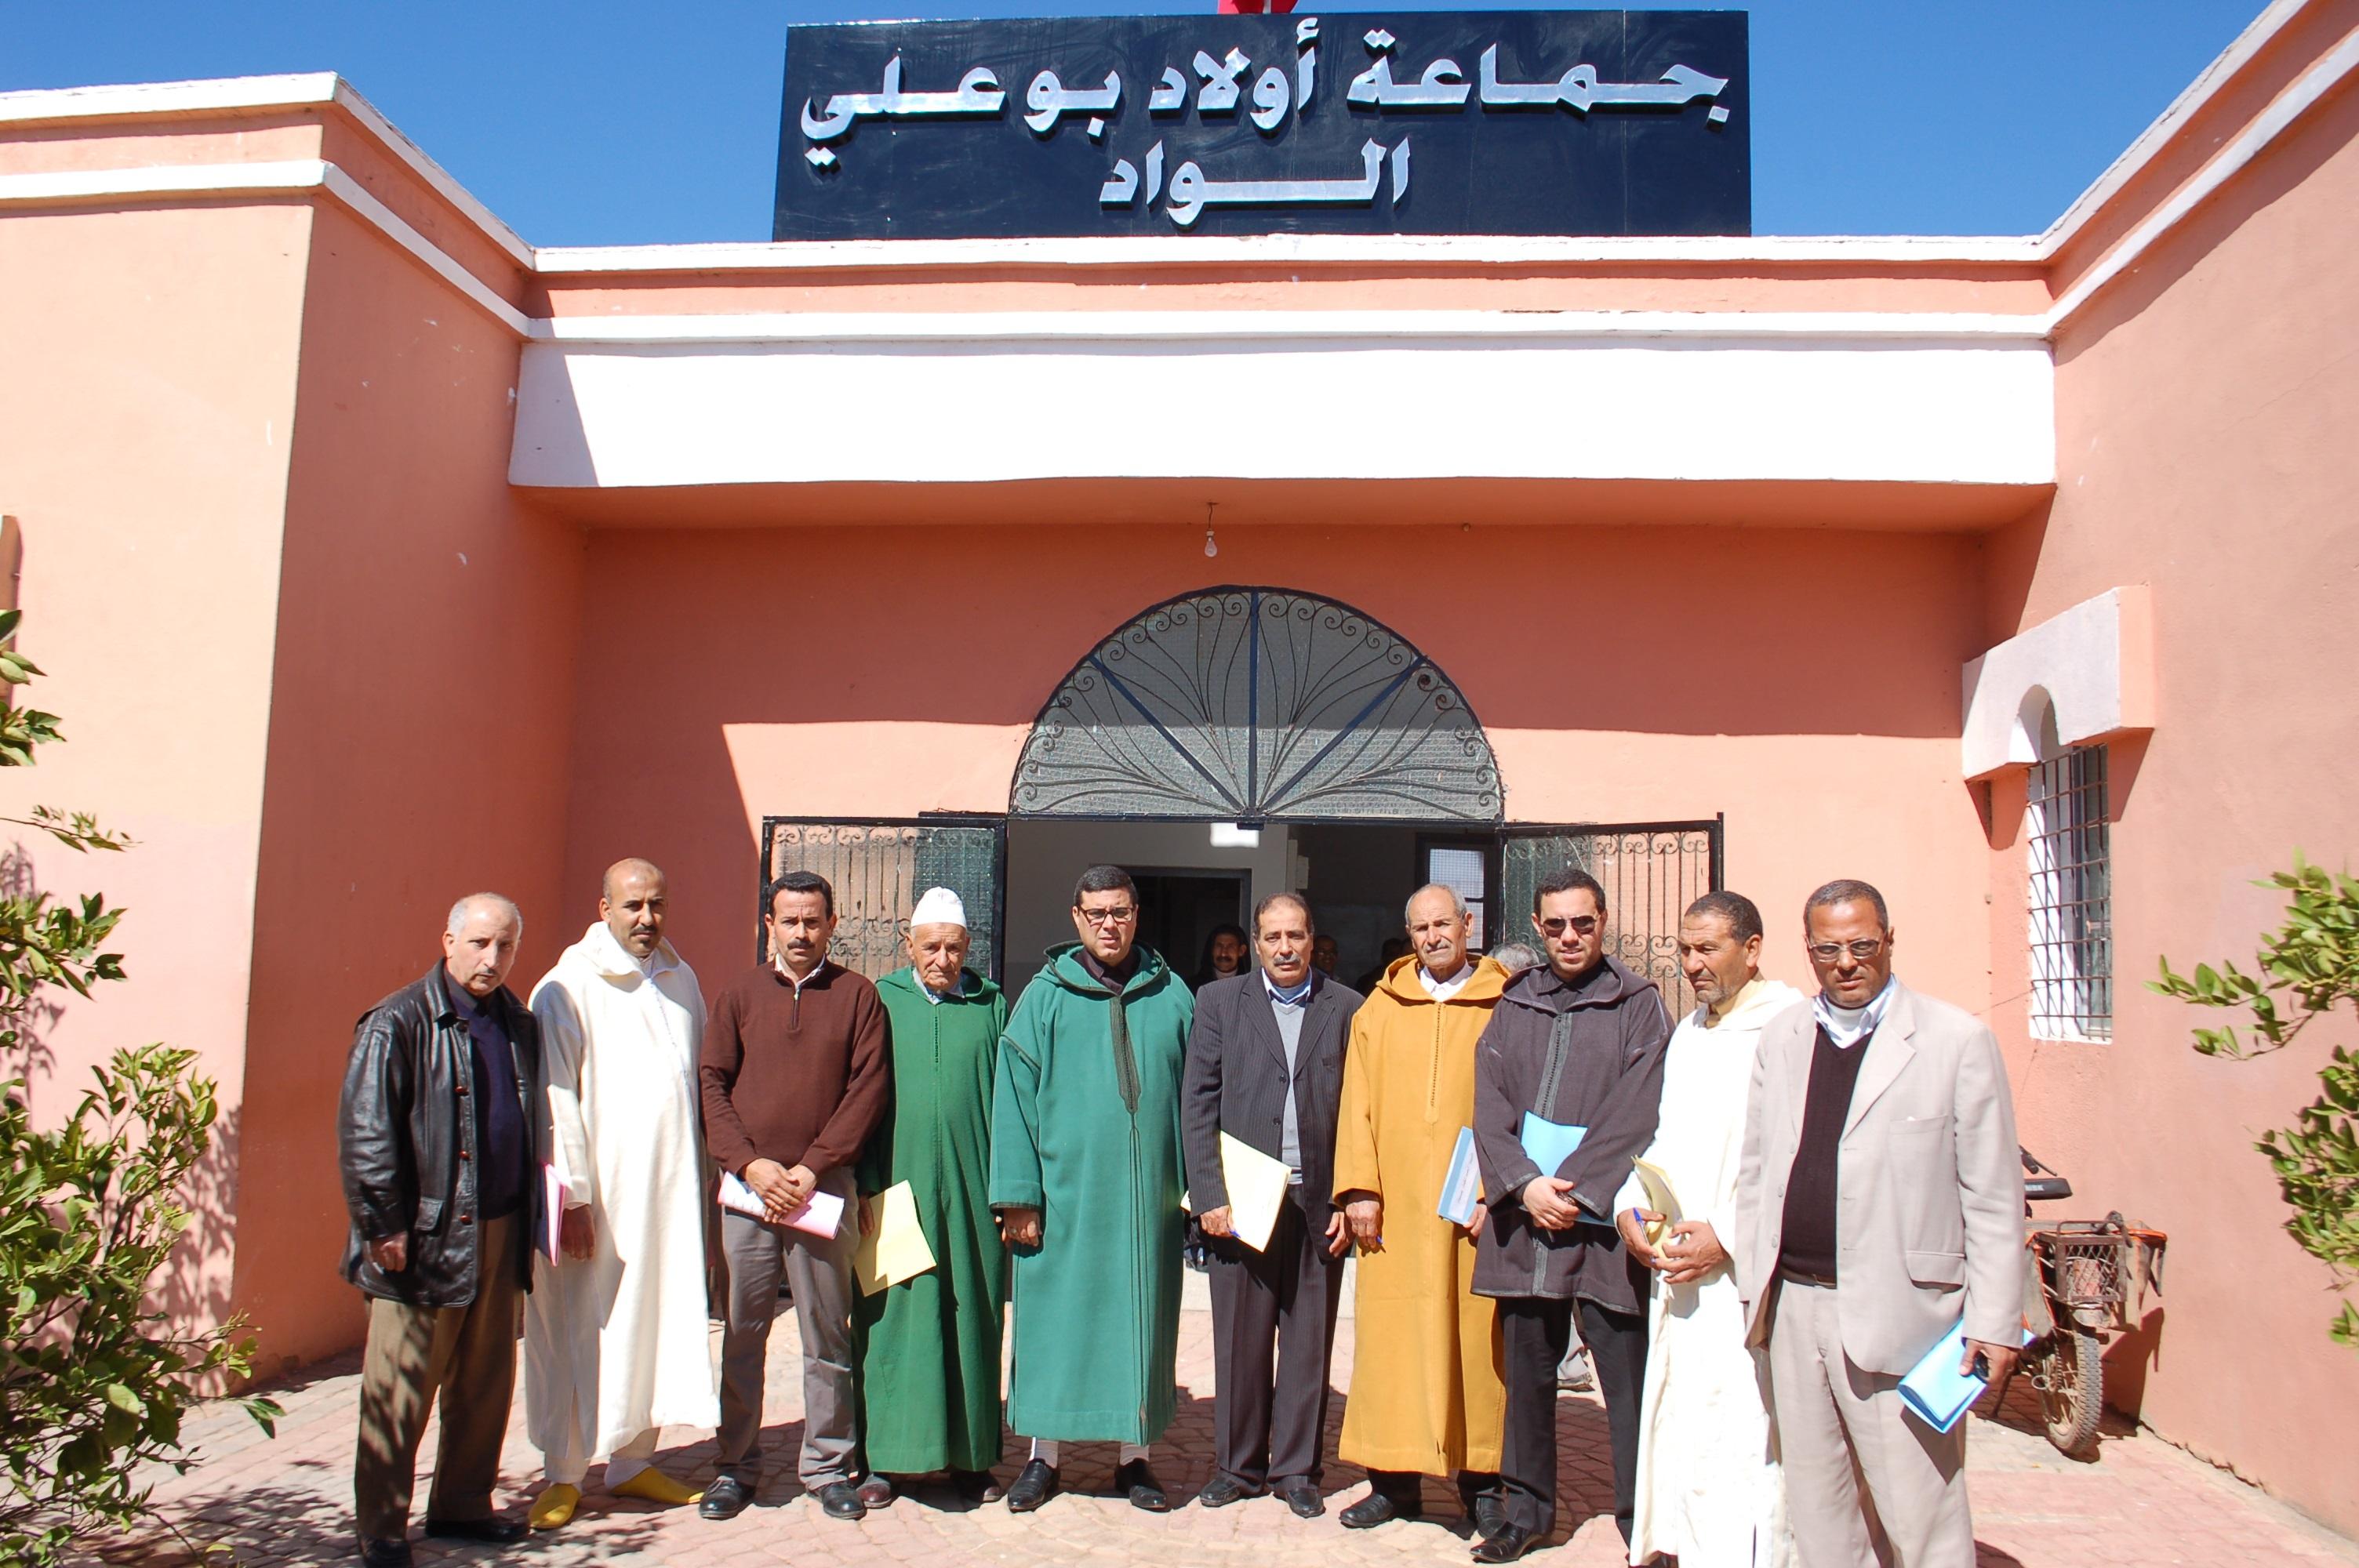 الداخلية تمنع أقدم رئيس جماعة قروية بالمغرب من الترشح للانتخابات الجماعية بإقليم سطات